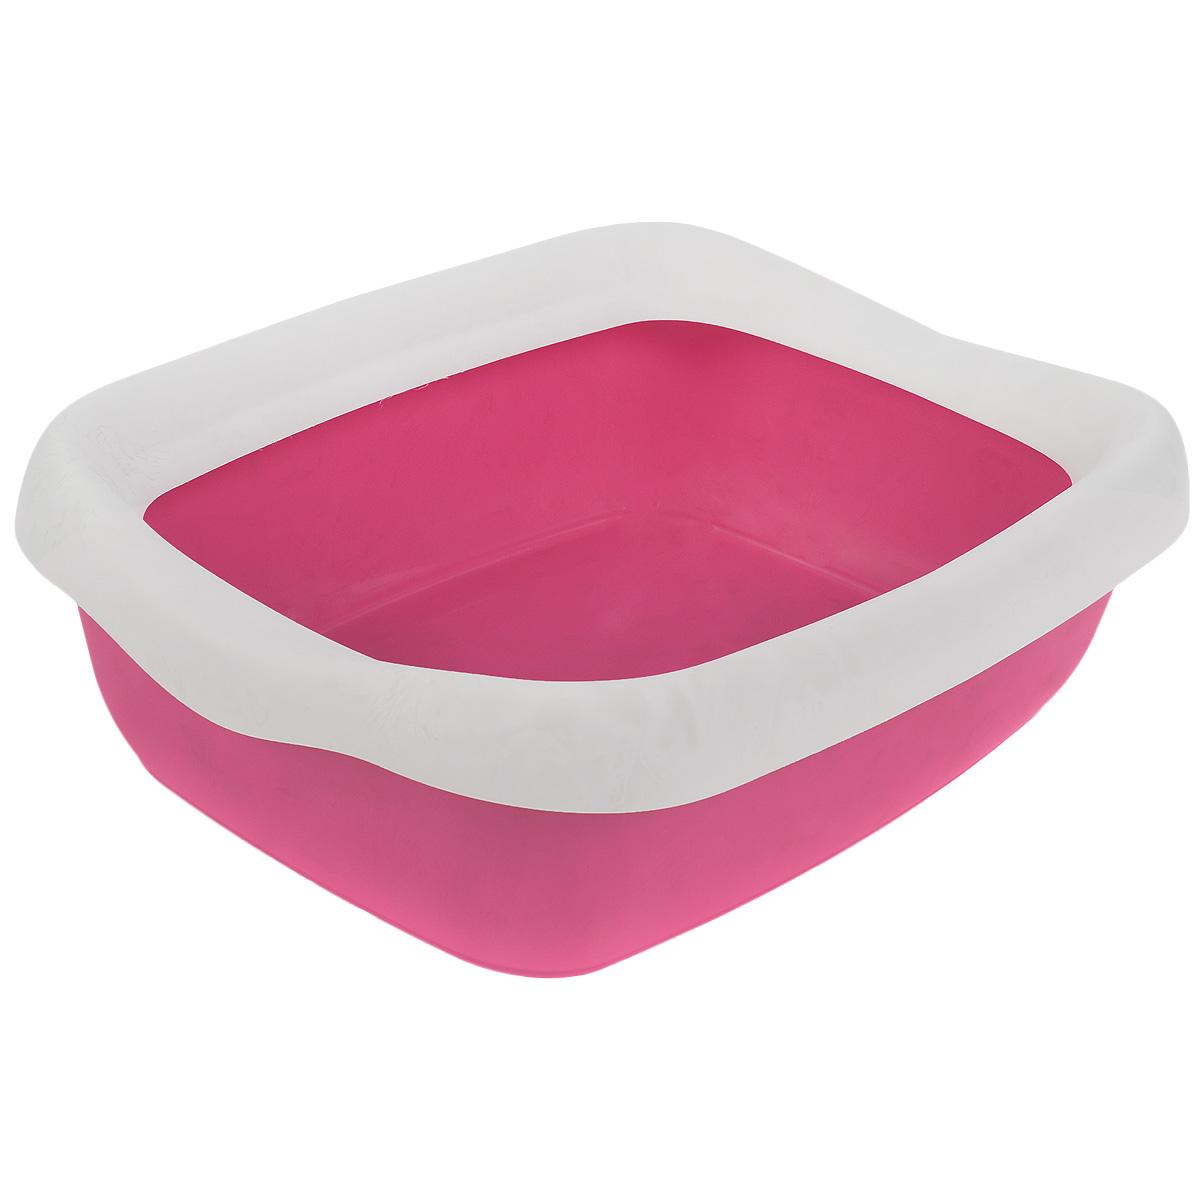 Туалет для кошек MPS Beta Maxi, с бортом, цвет: розовый, белый, 49 см х 39 см х 13 смS08040200 розовыйТуалет для кошек MPS Beta Maxi изготовлен из качественного прочного пластика. Высокий борт, прикрепленный по периметру лотка, удобно защелкивается и предотвращает разбрасывание наполнителя. Это самый простой в употреблении предмет обихода для кошек и котов.